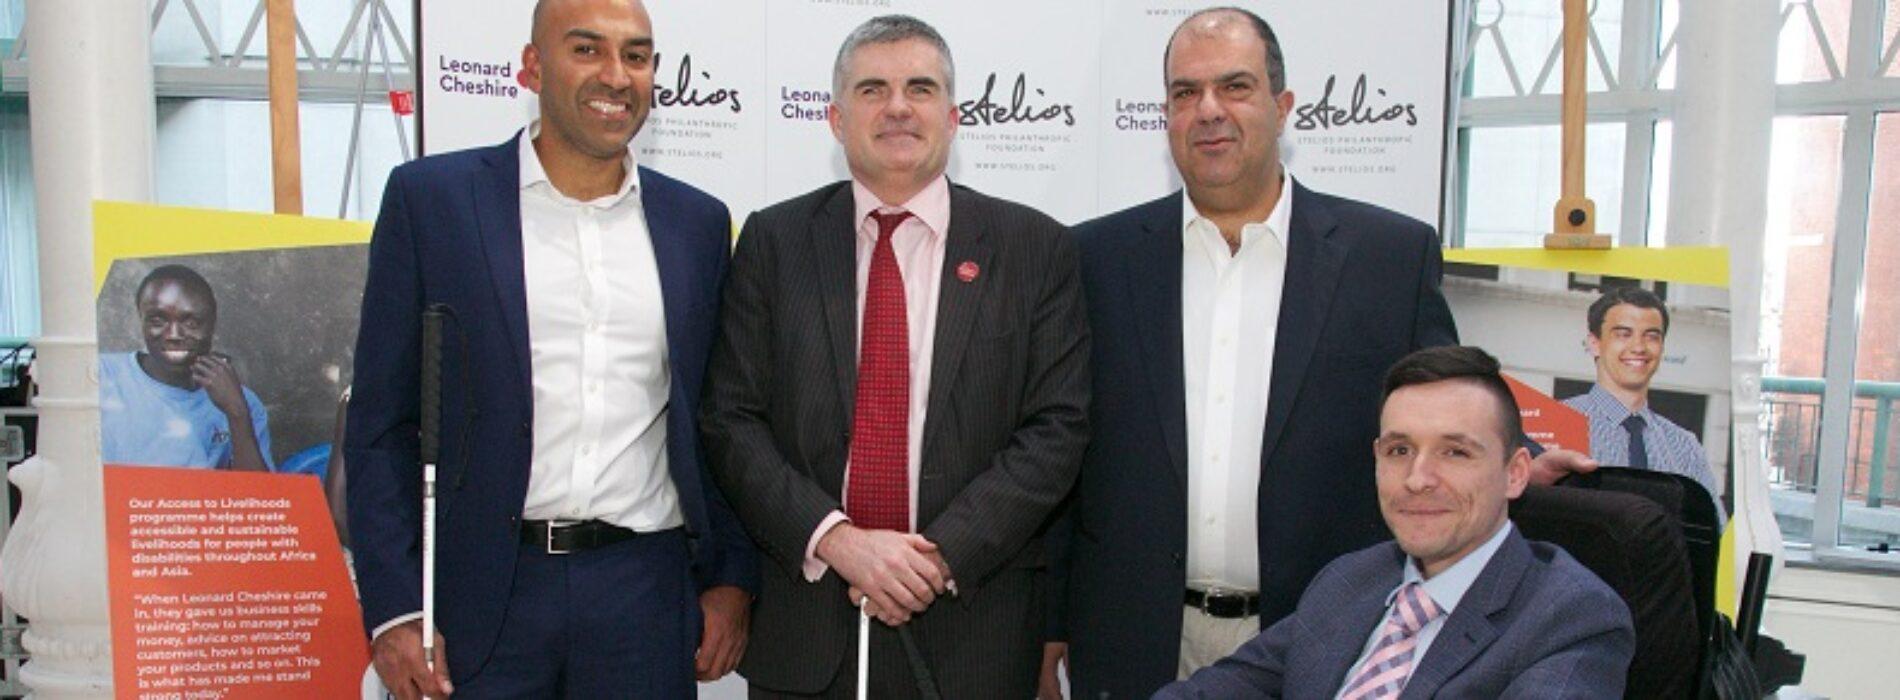 Sir Steliospledgesmore prize money for disabled entrepreneurs